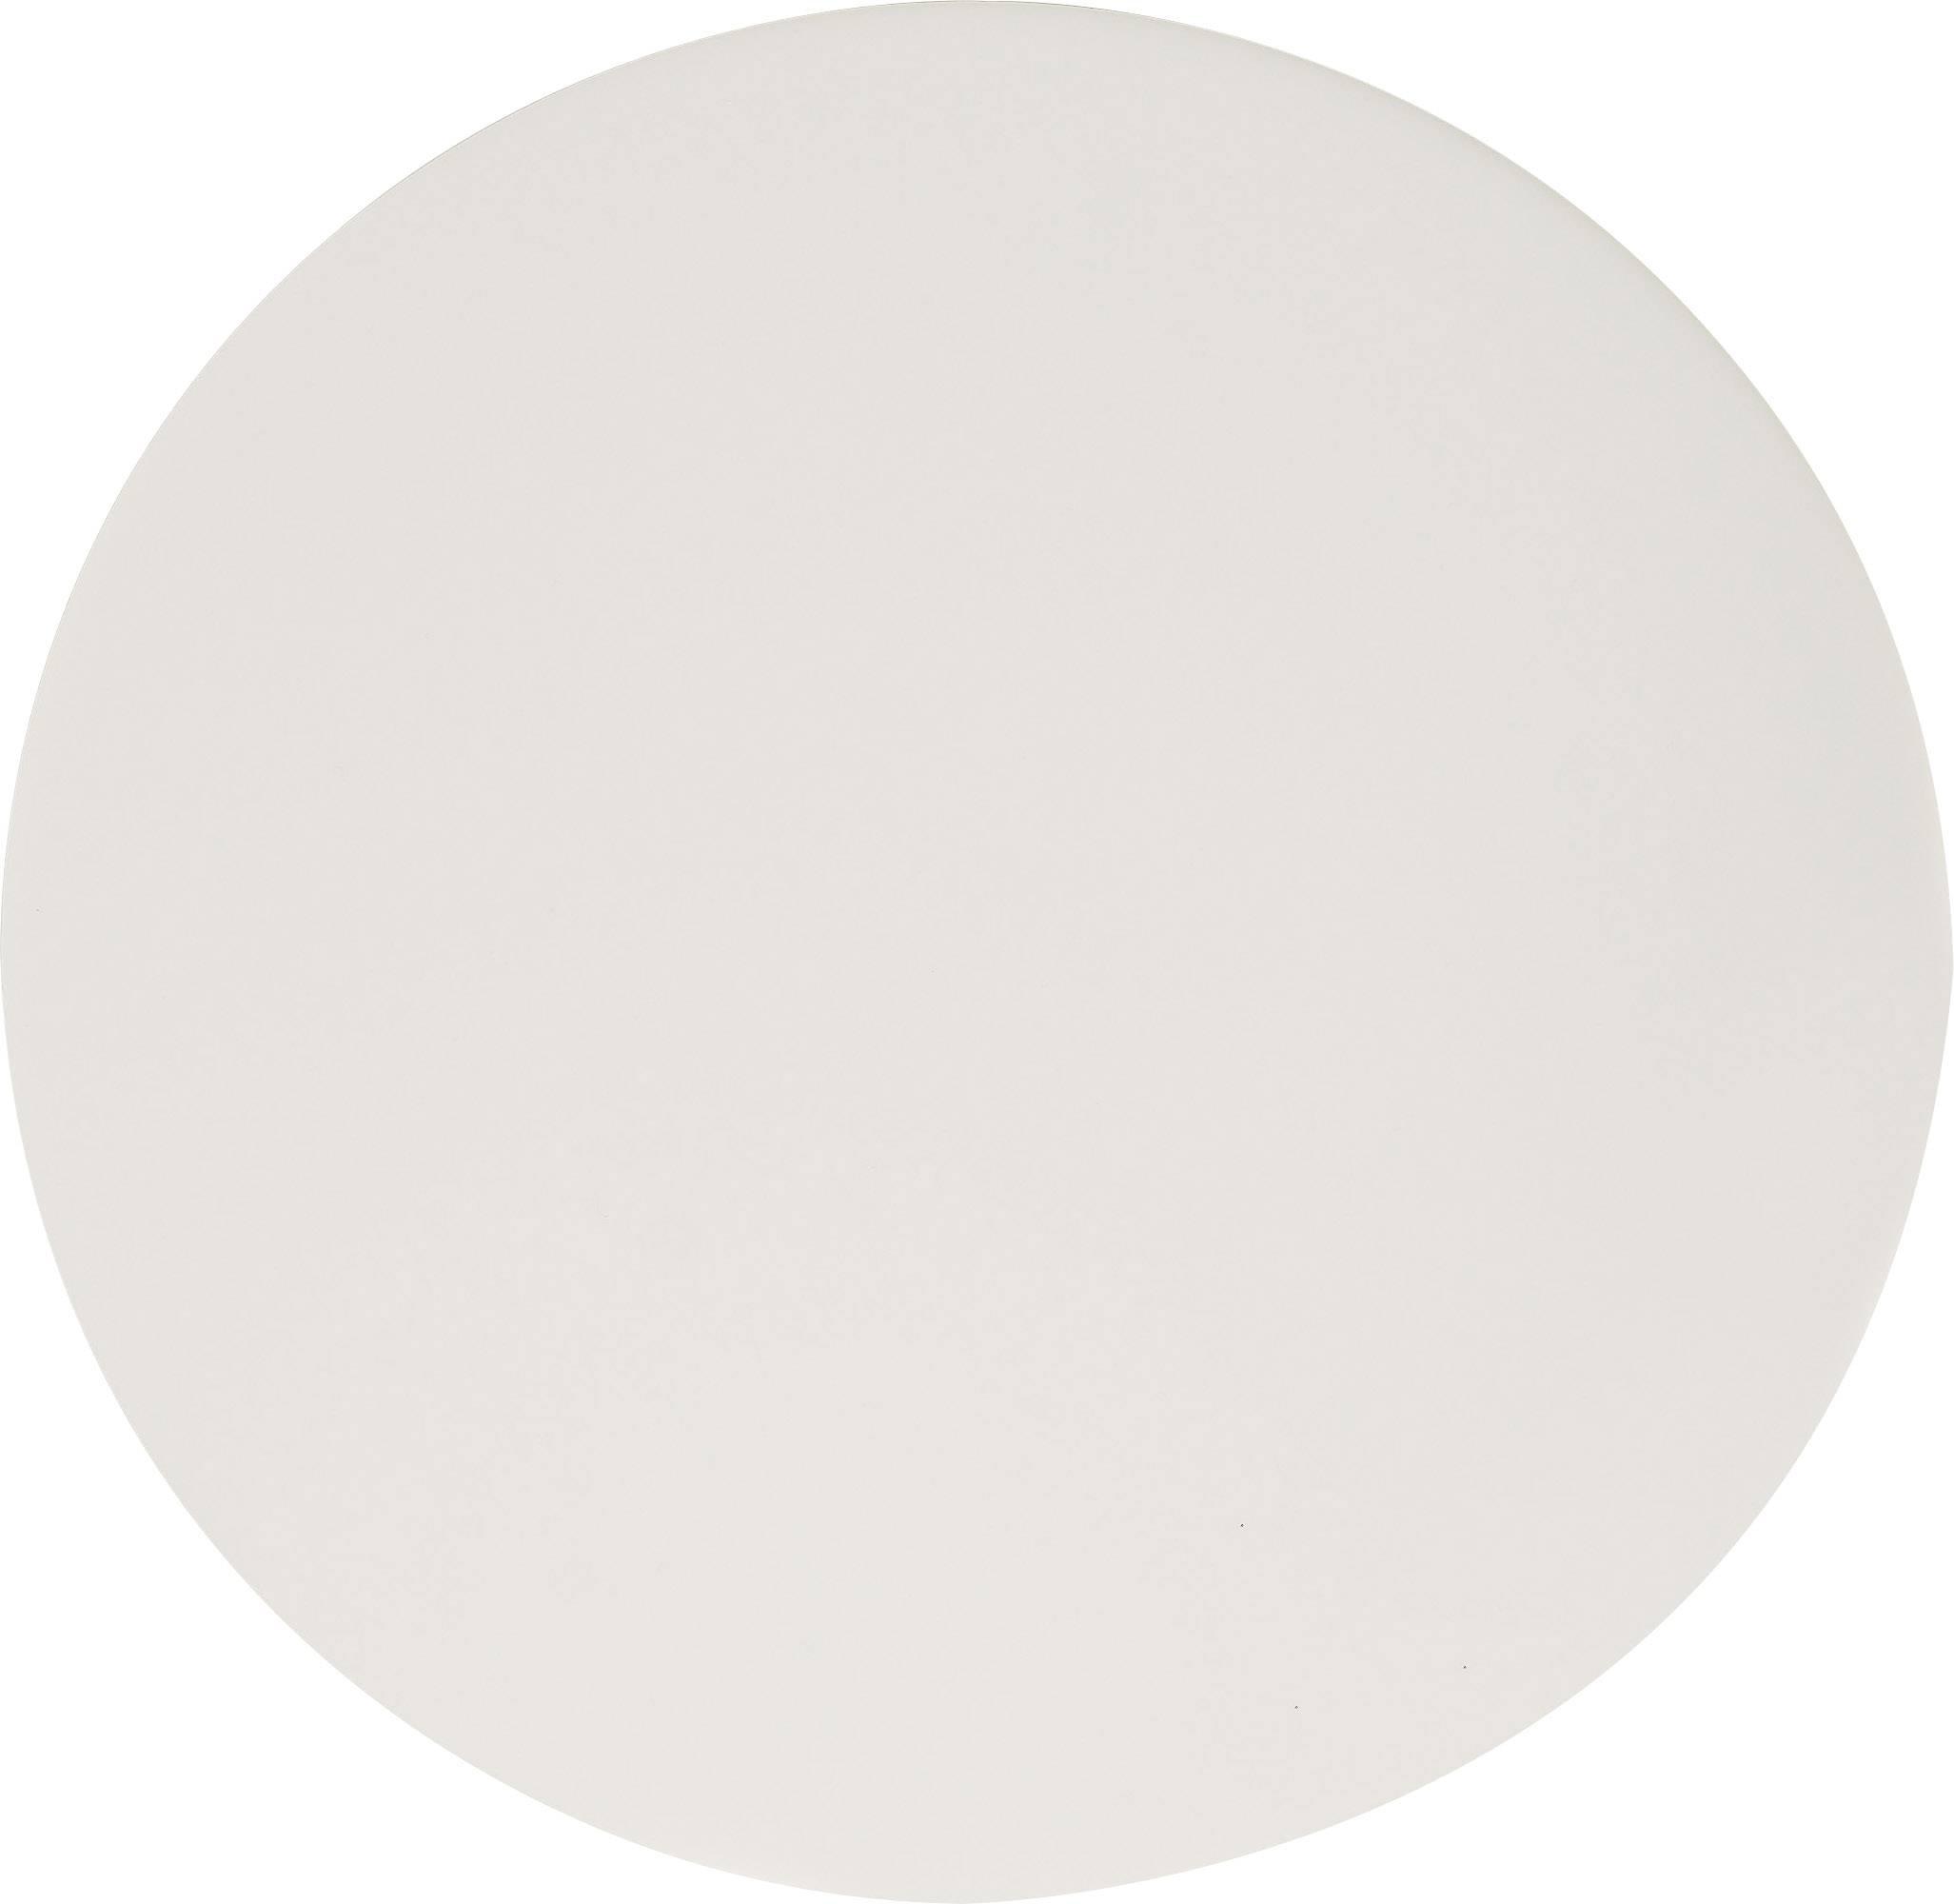 SLV Kryt pro závěsné osvětlení 155570 bílá